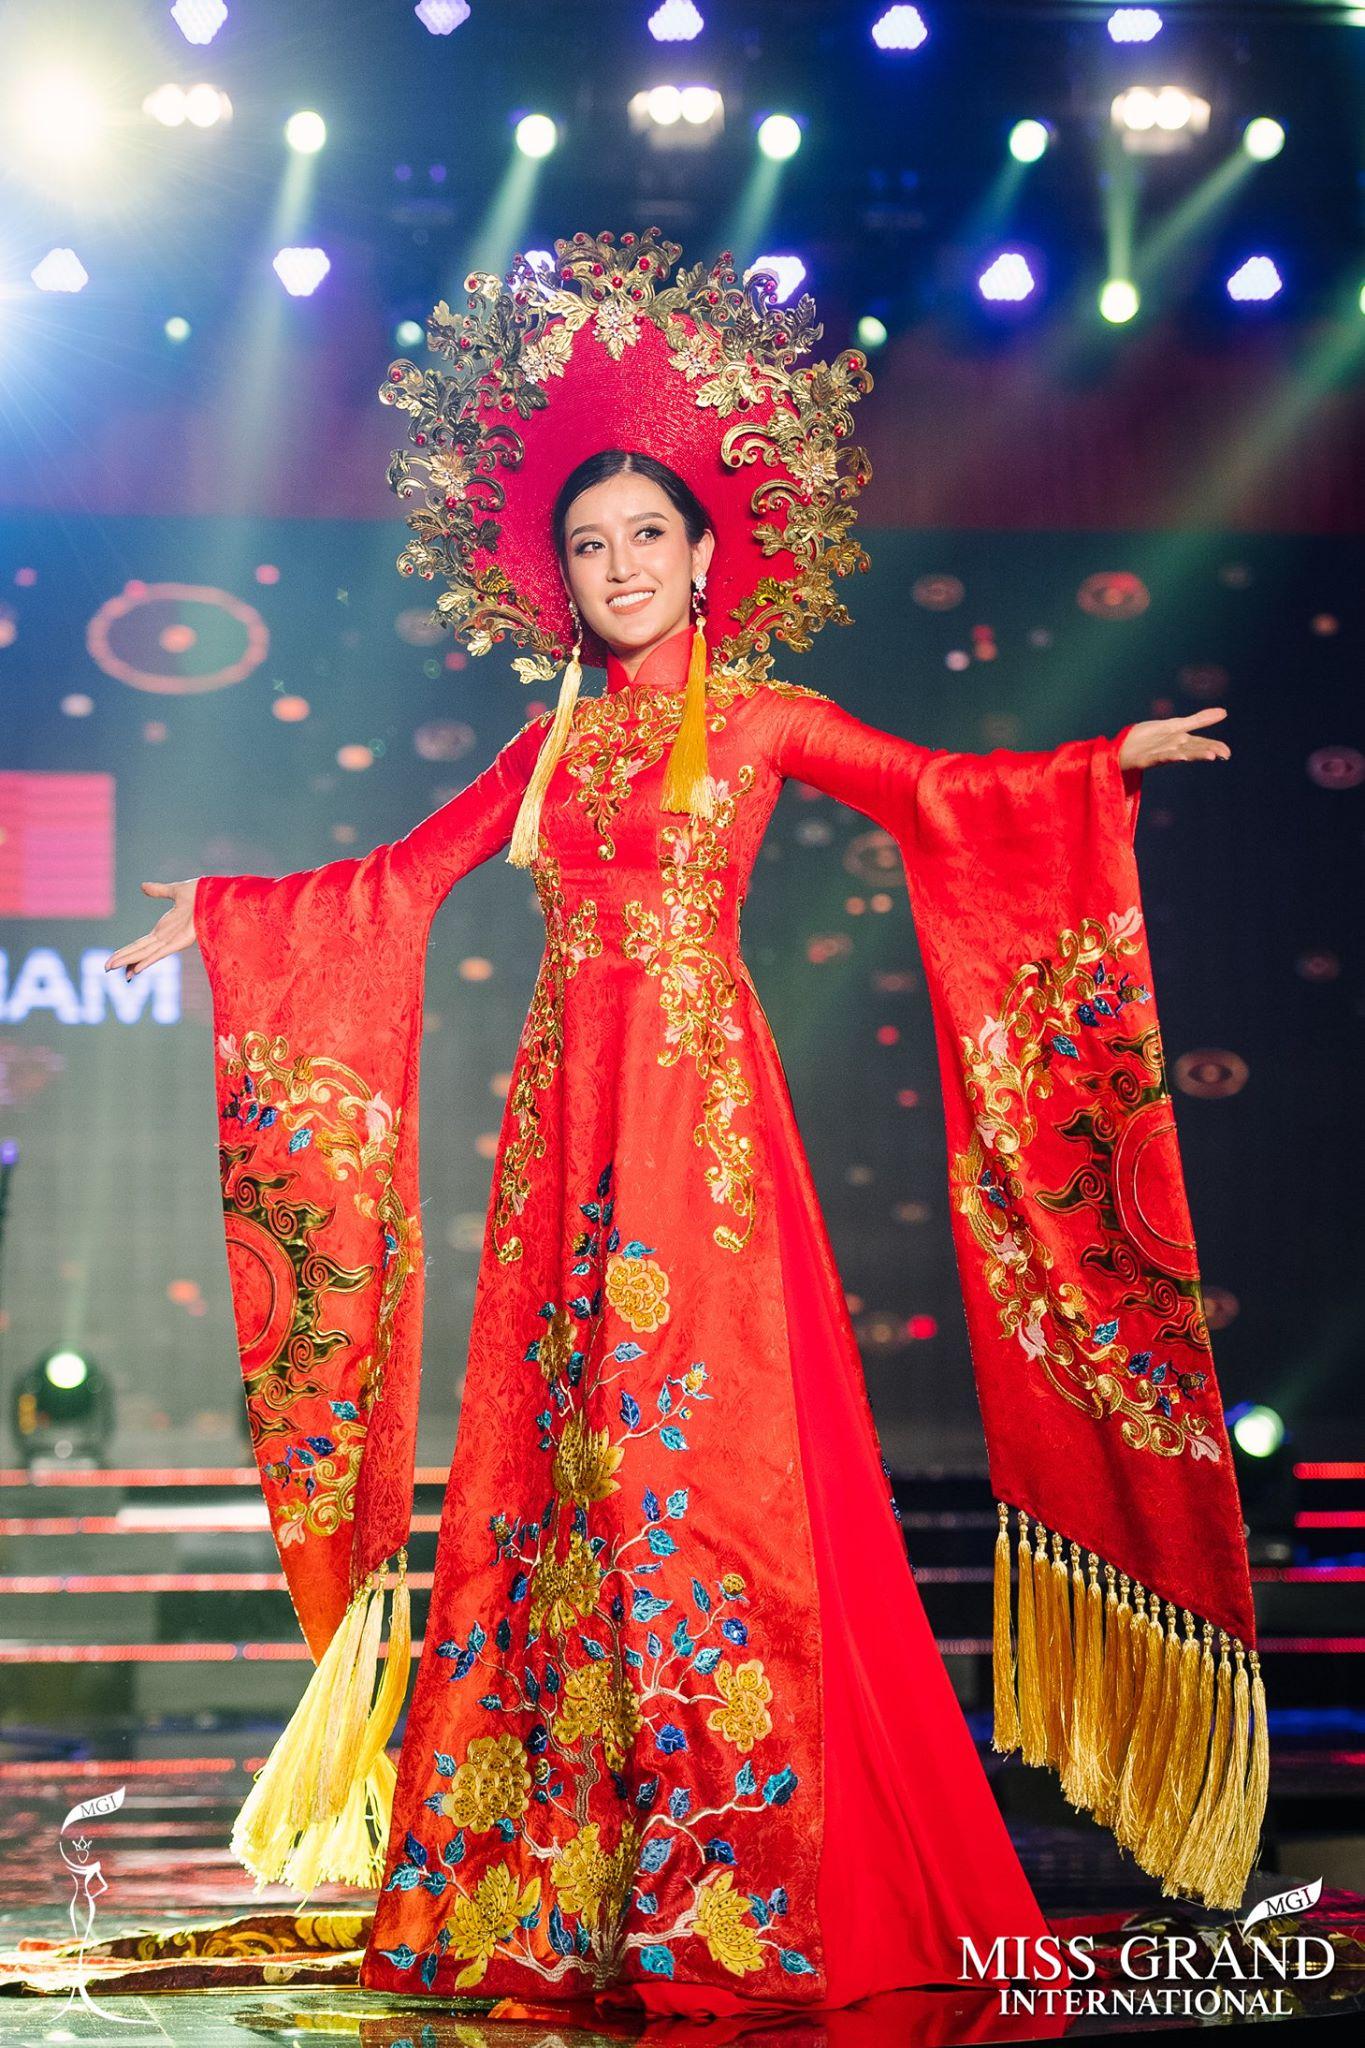 Chuyện hy hữu: BTC Miss Grand International công bố nhầm Top 1 bình chọn Trang phục dân tộc giữa Việt Nam và Indonesia - Ảnh 6.